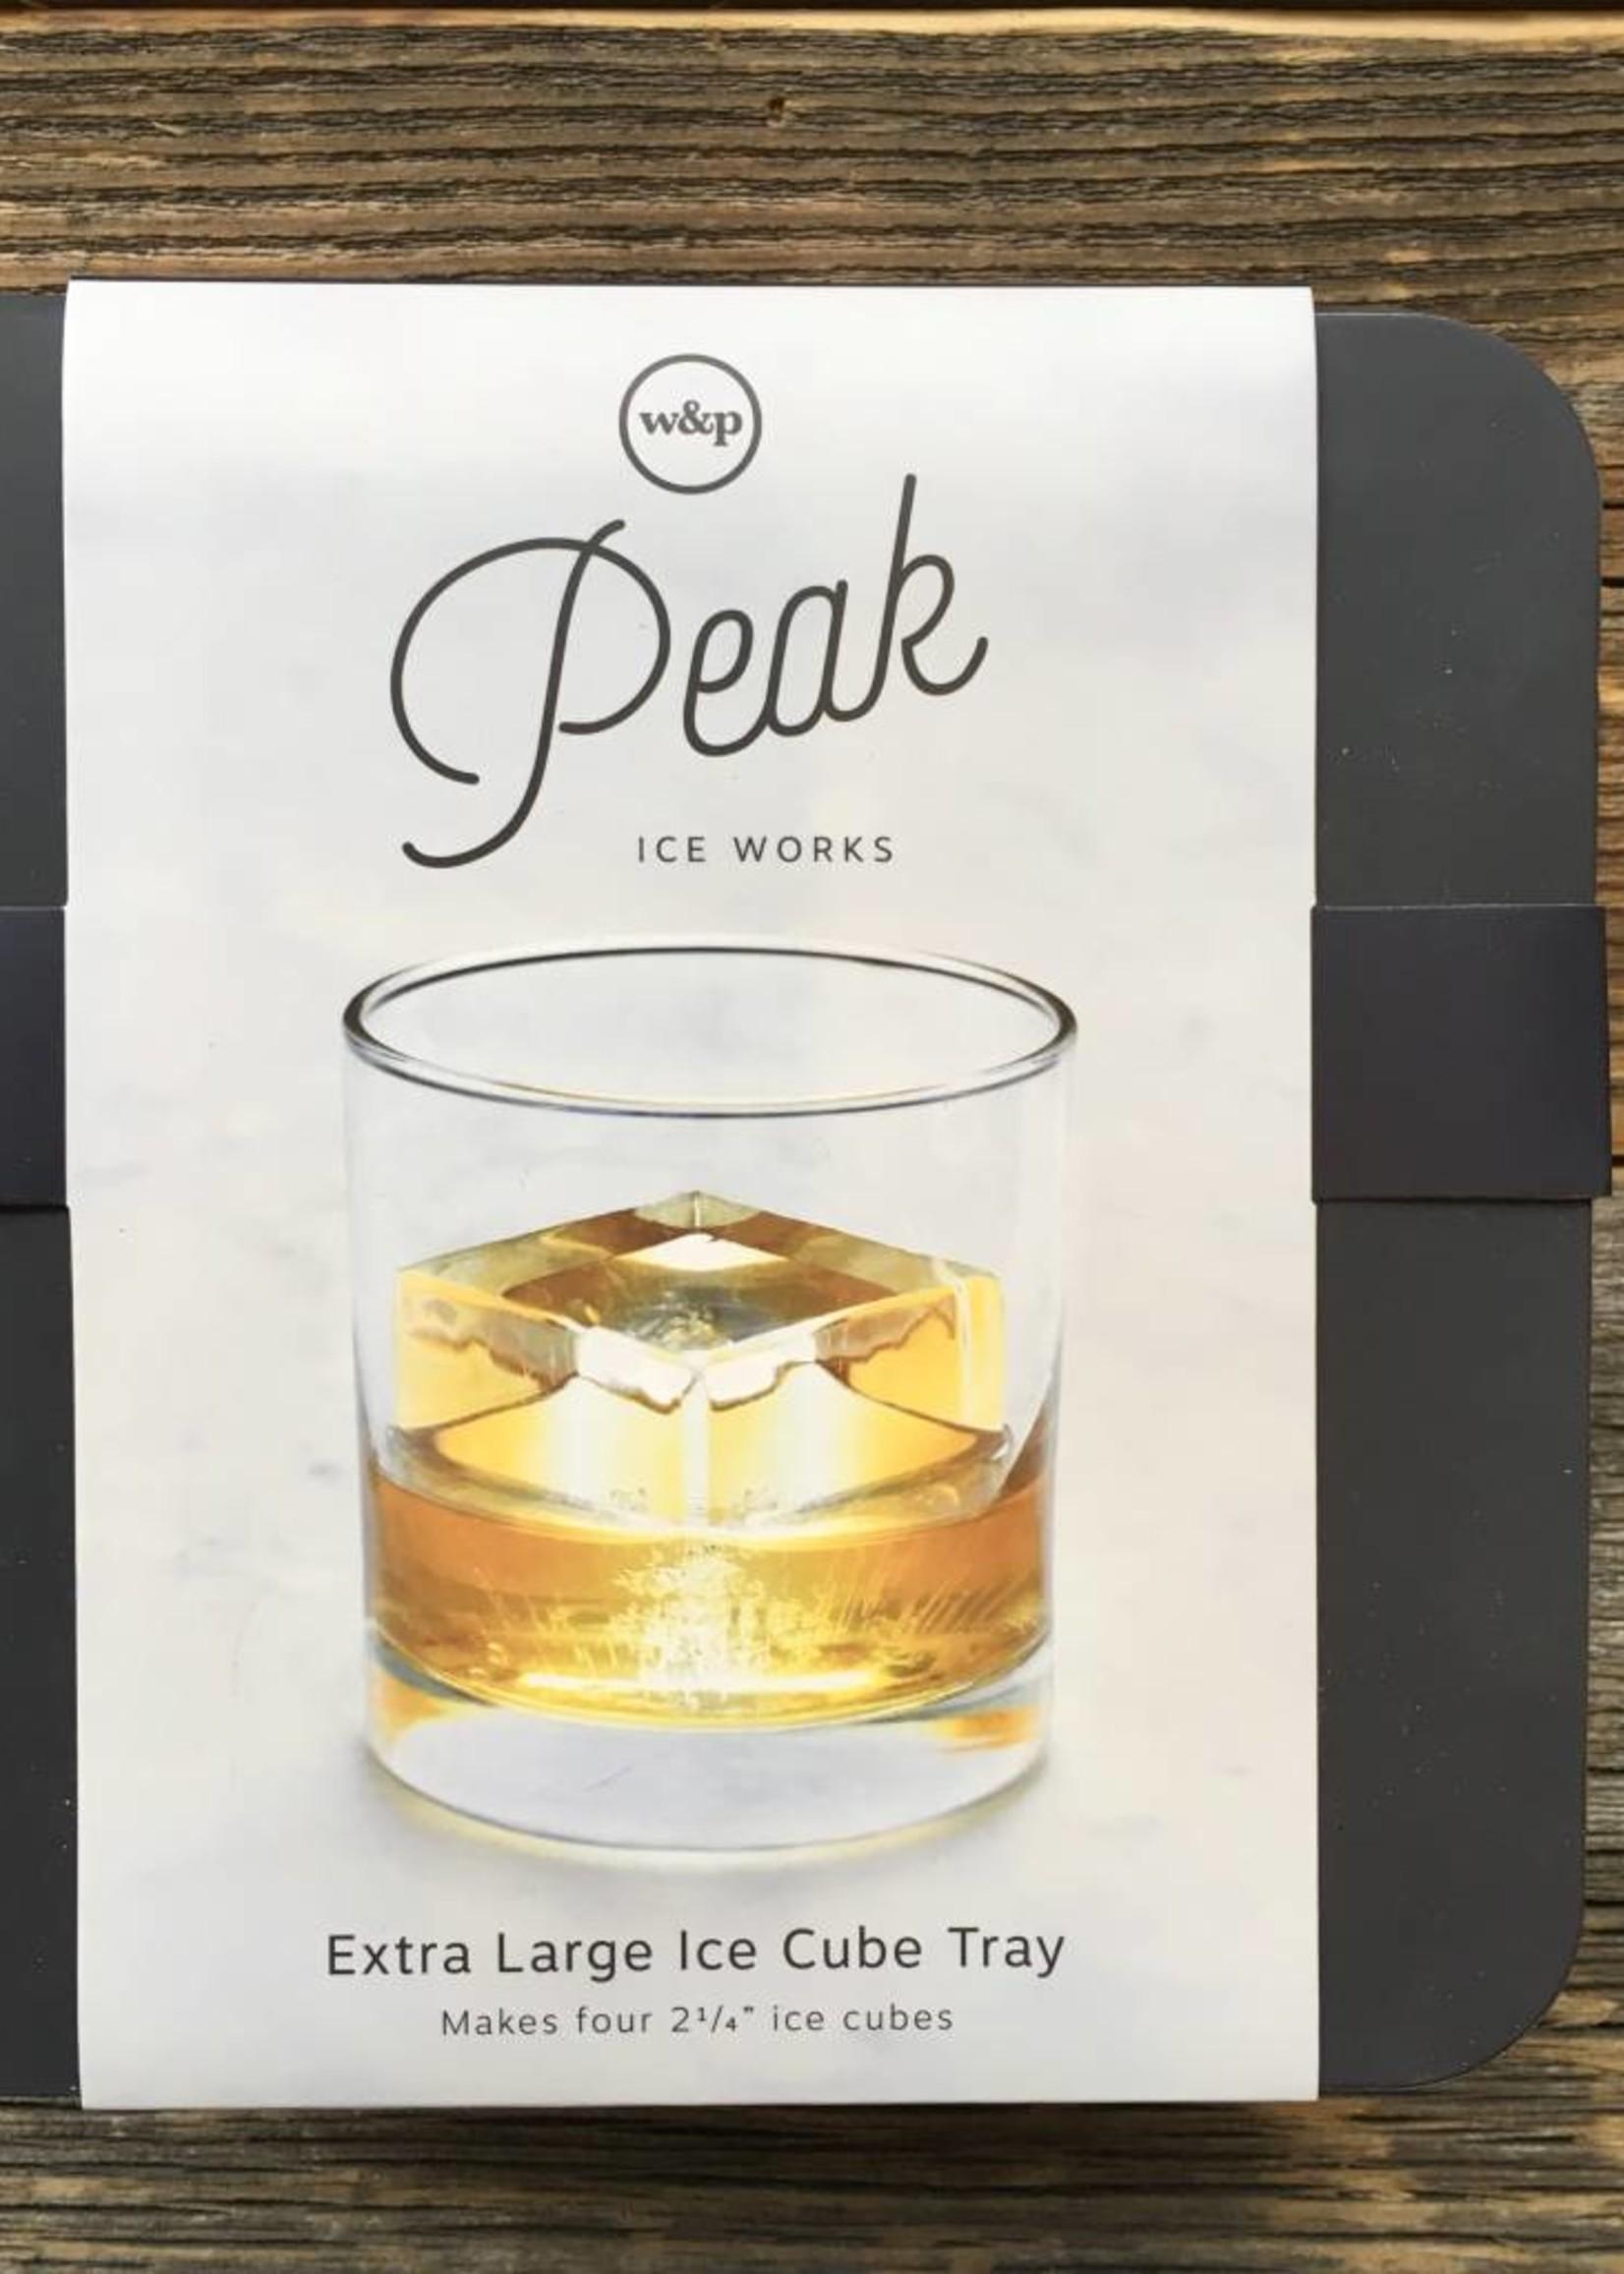 Peak Ice Works Peak Ice Works Extra Large Ice Cube Tray